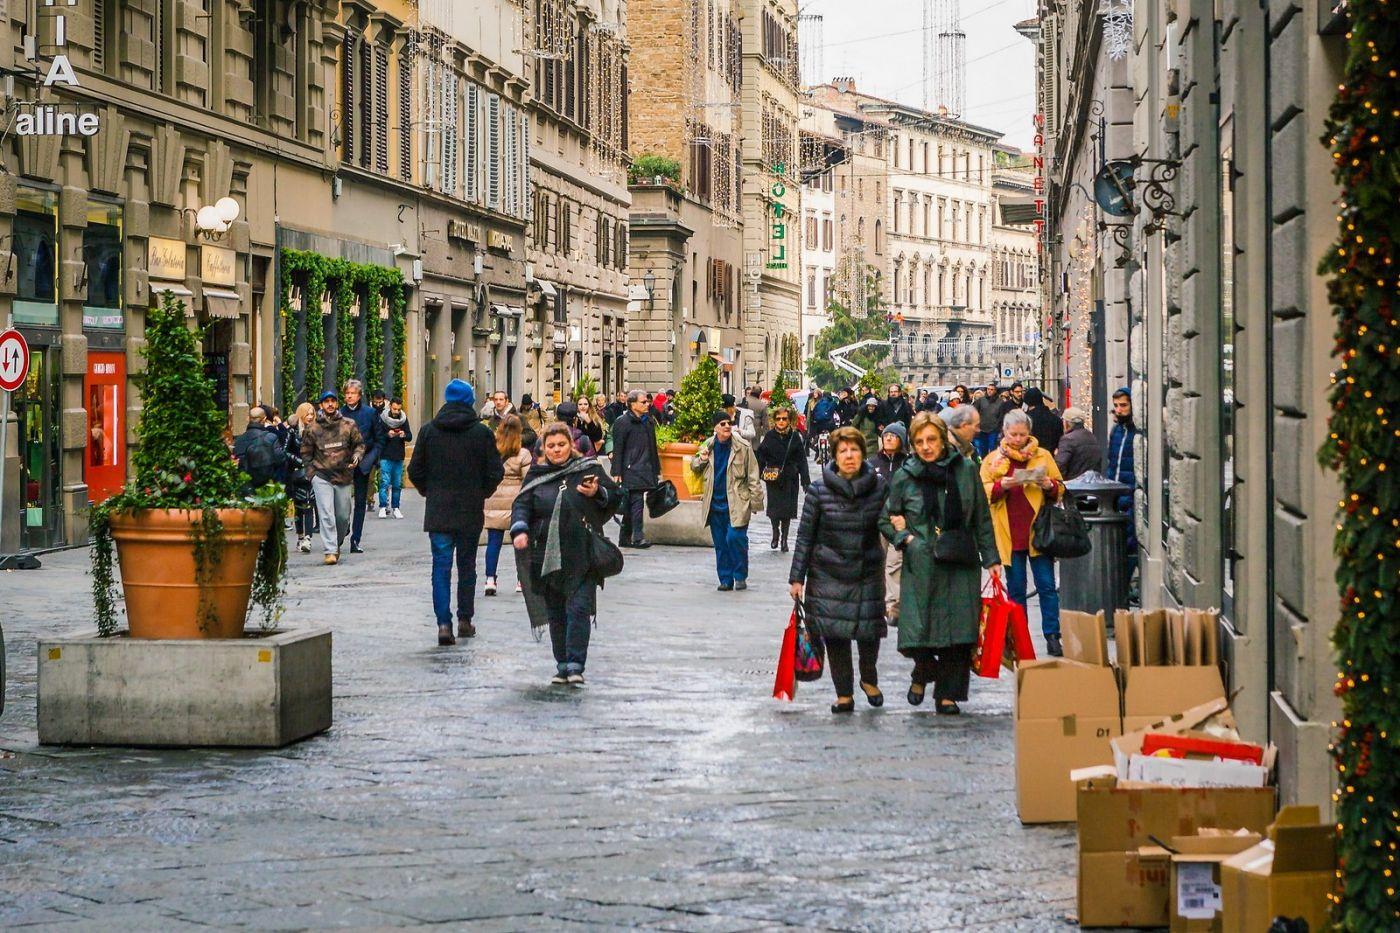 意大利佛罗伦萨(Florence),小街文化_图1-11